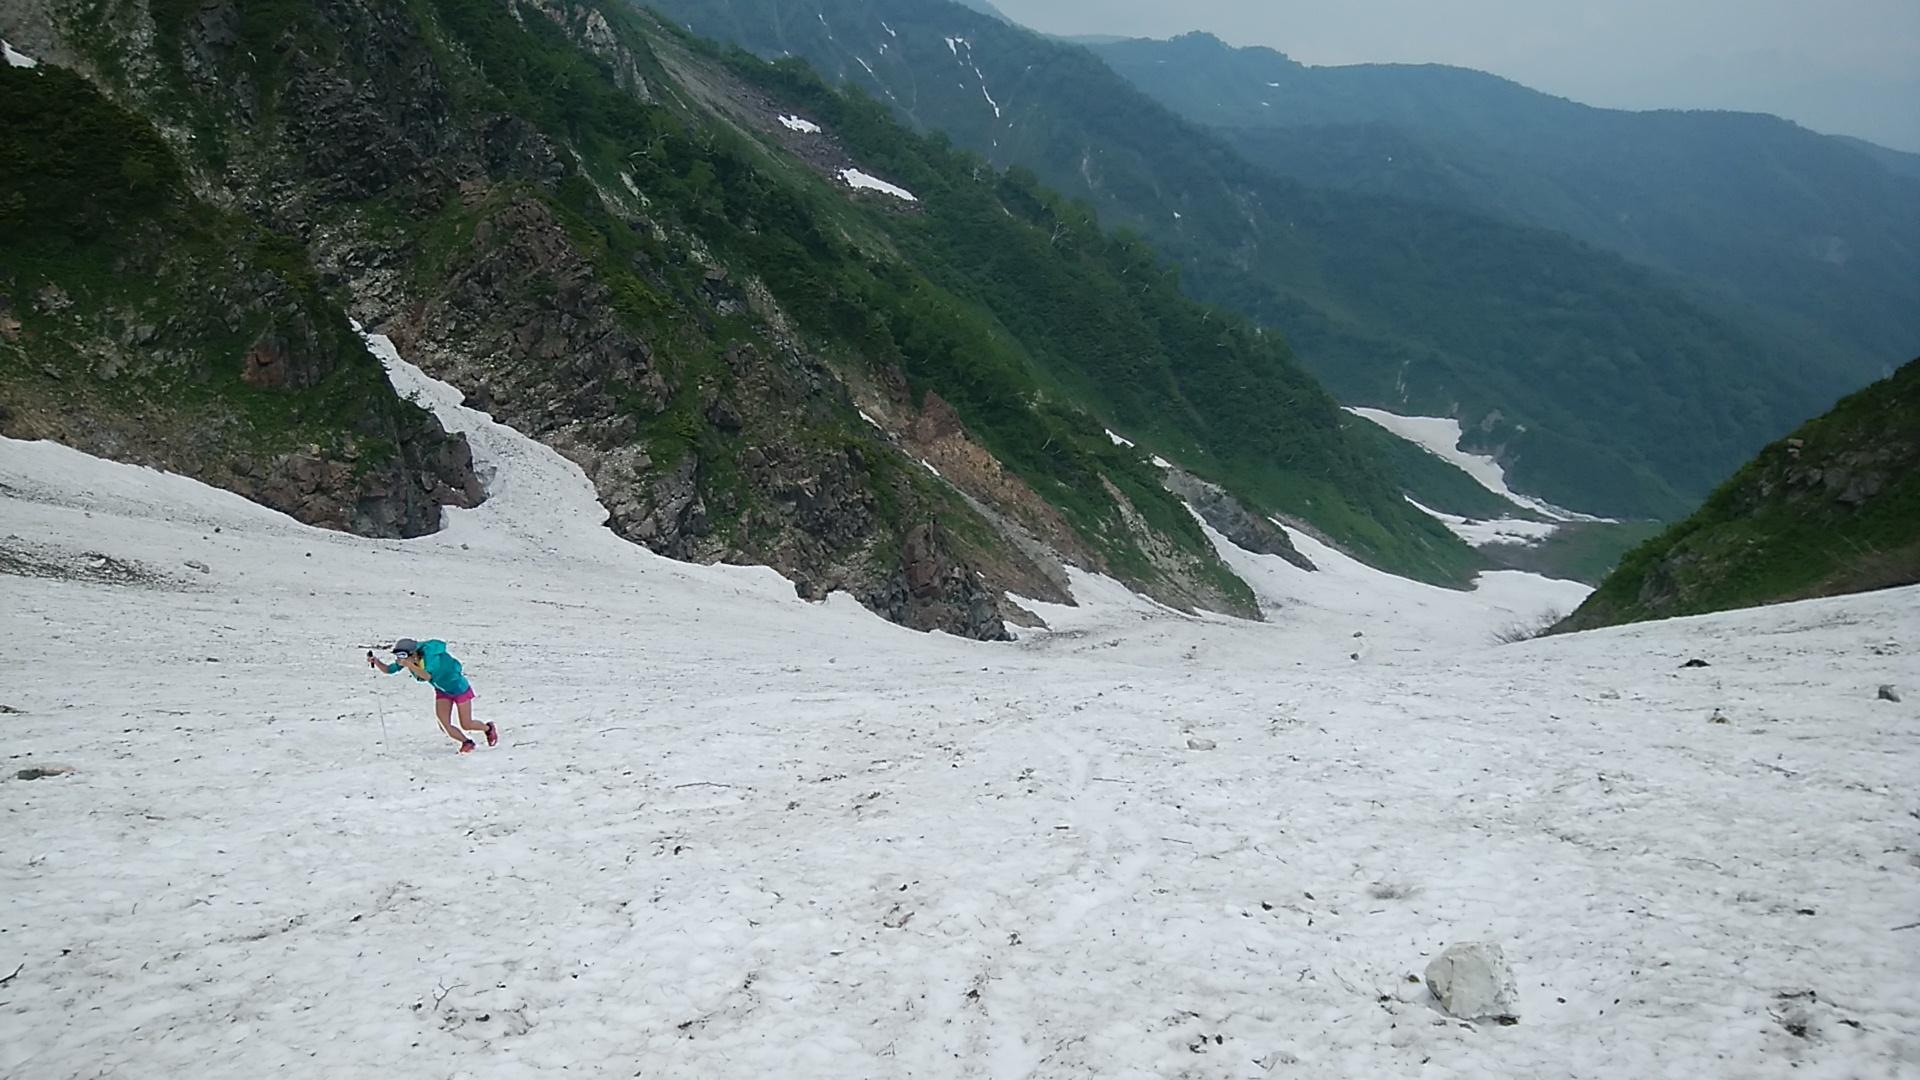 夏といえども残雪のルートもある、安全登山のためにも事前の調査は必要だ